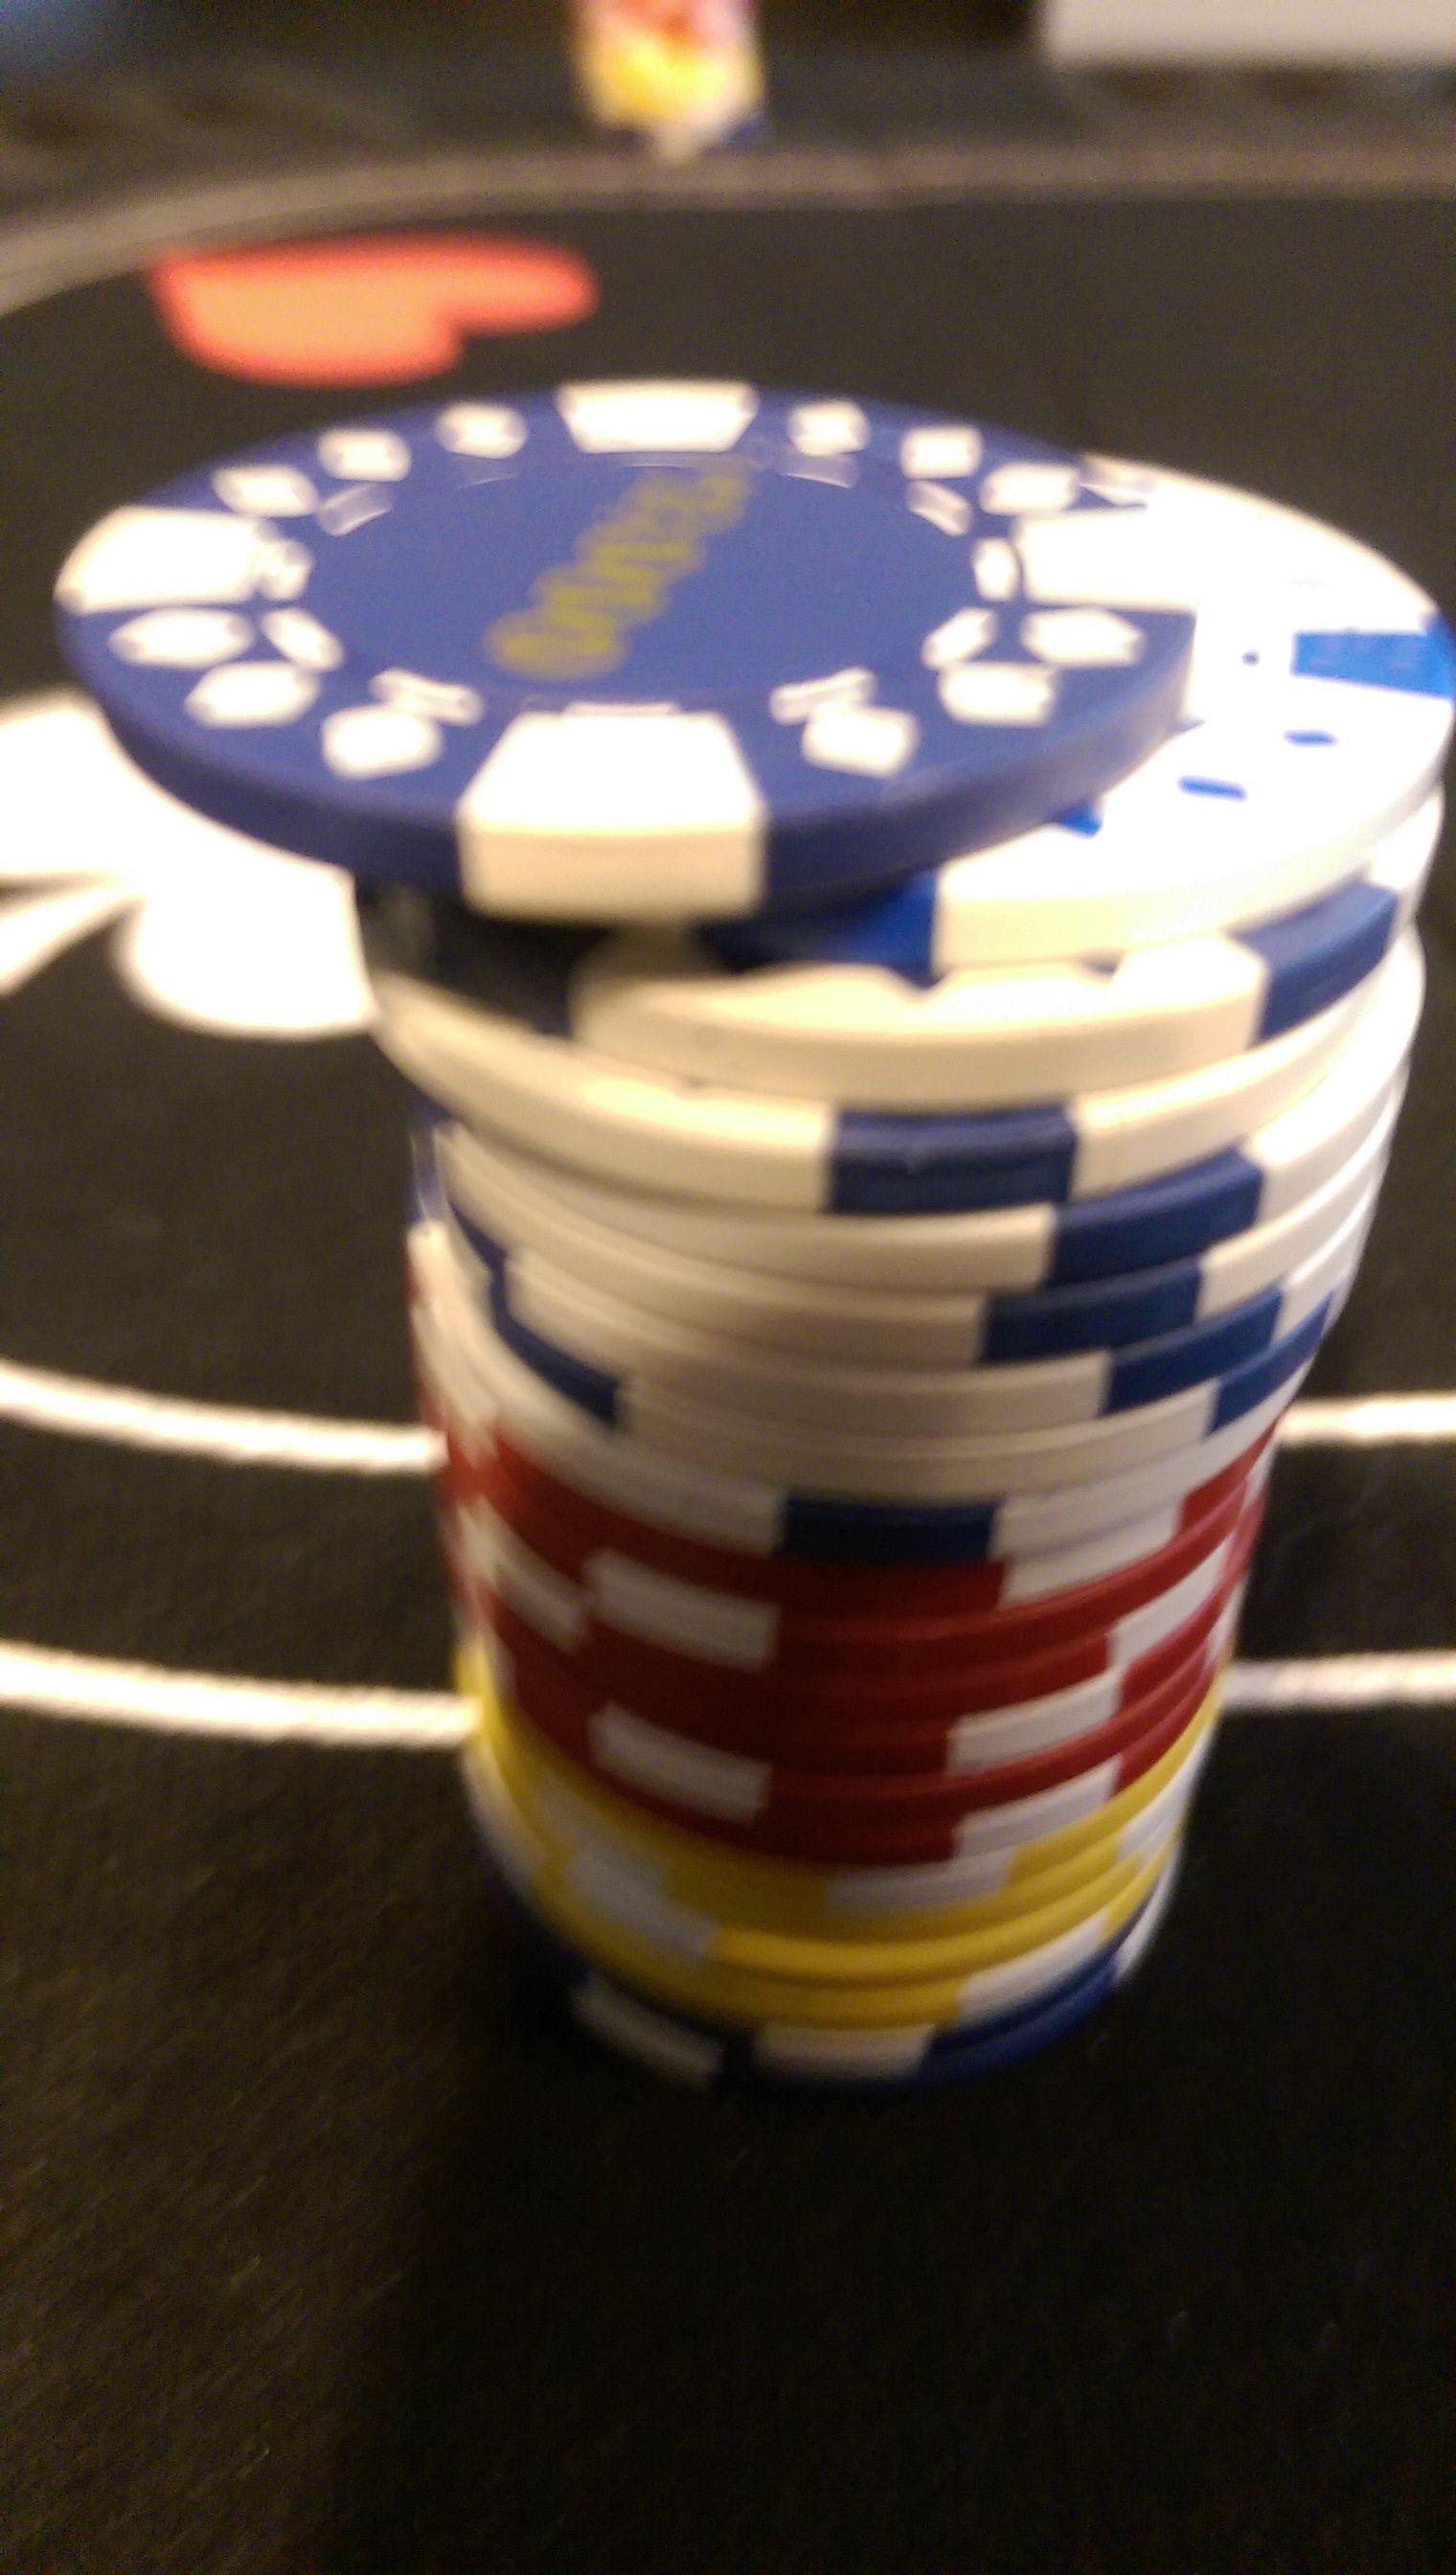 San antonio poker